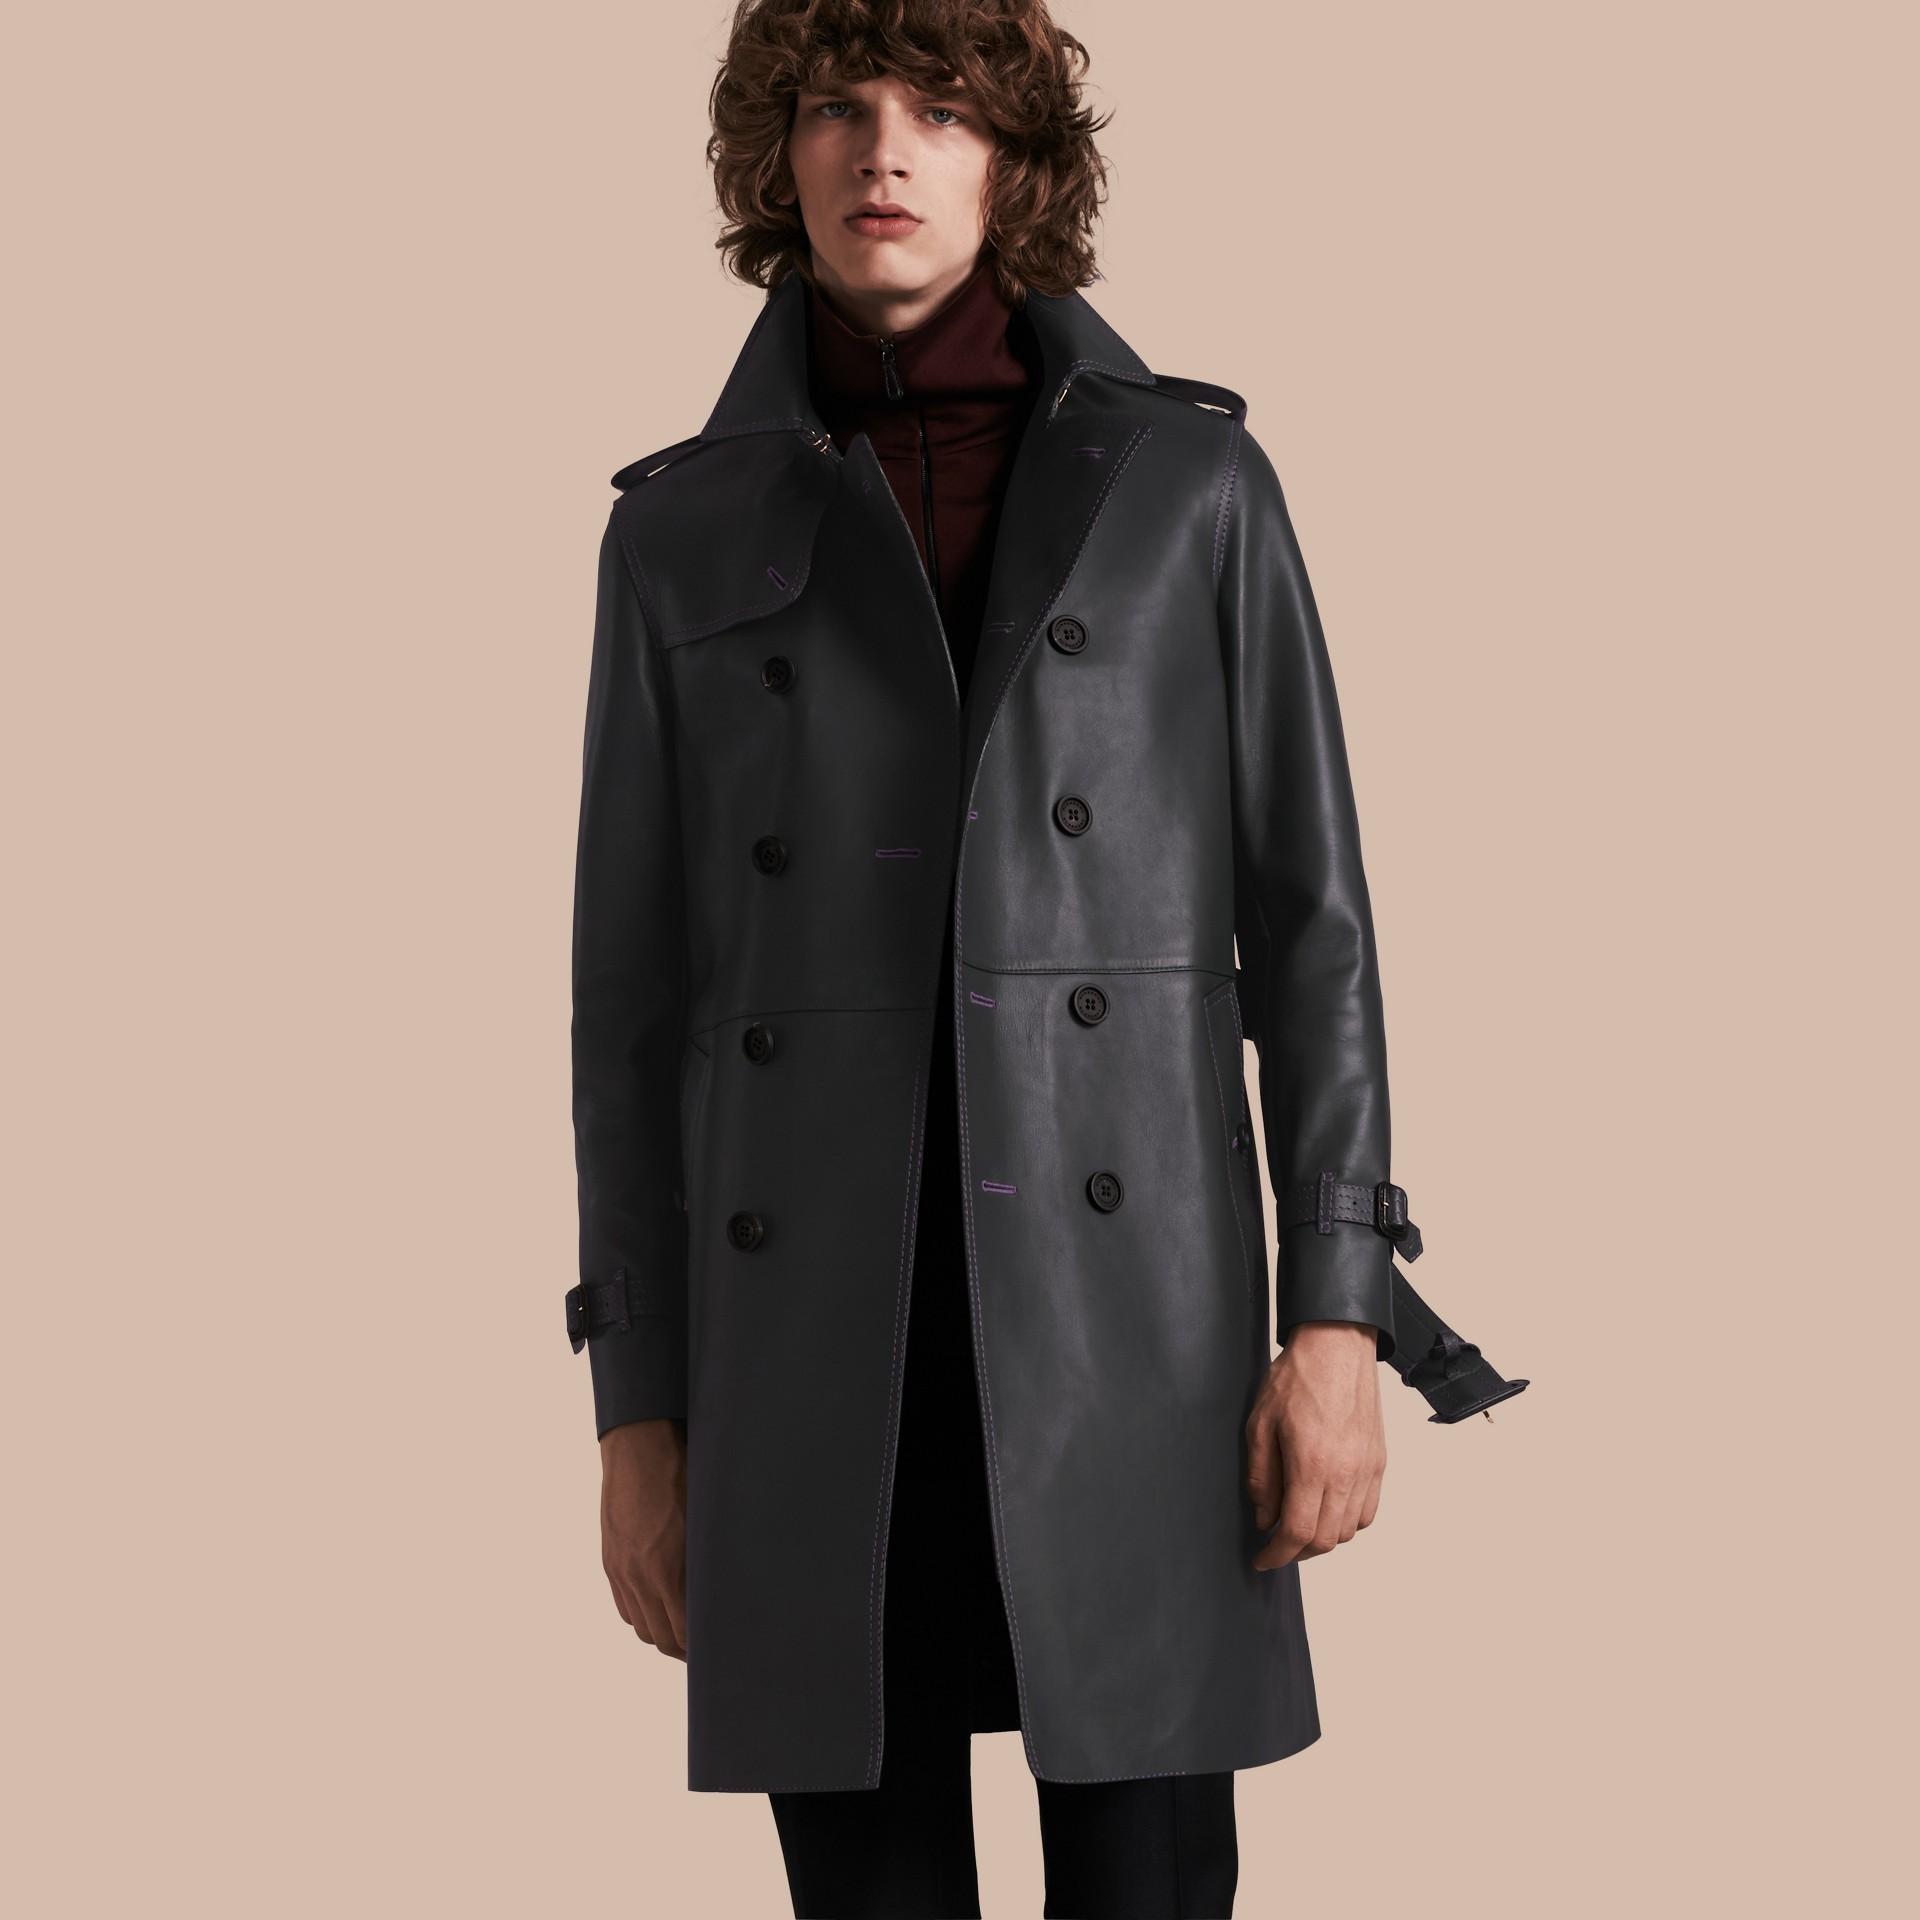 Navy scuro Trench coat in pelle di agnello con impunture militari - immagine della galleria 1